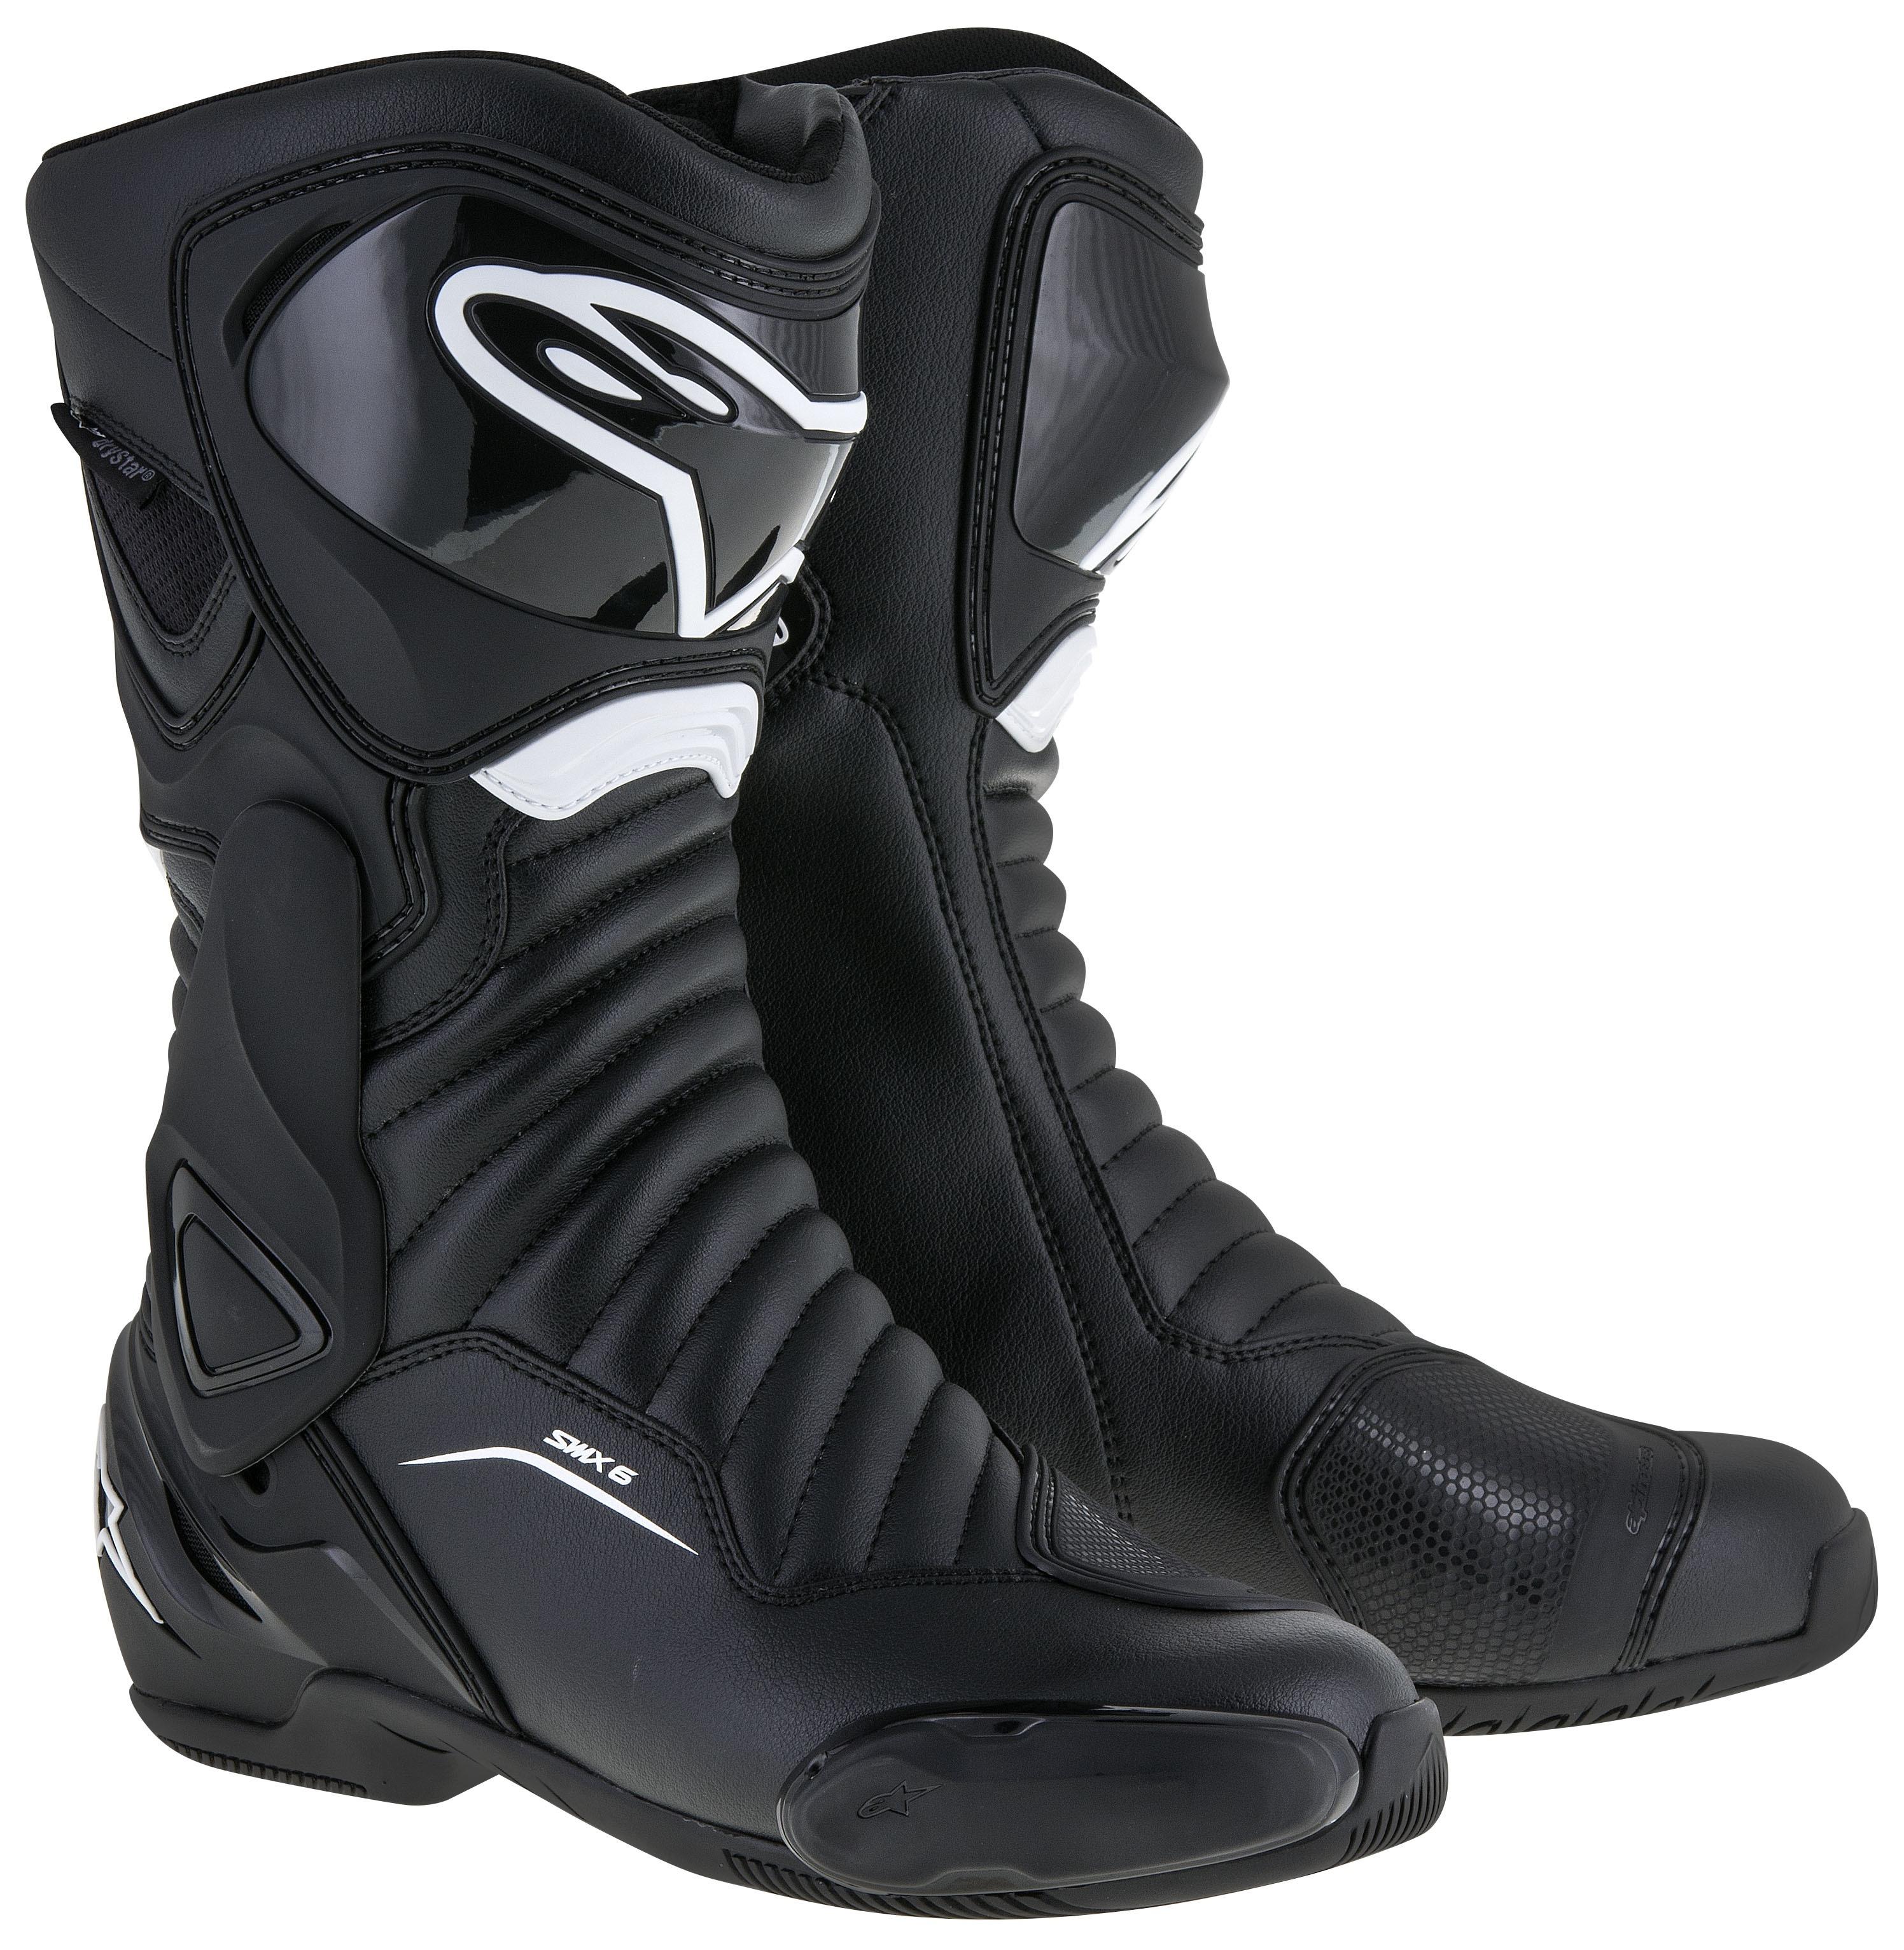 Alpinestars SMX 6 v2 Drystar Boots RevZilla